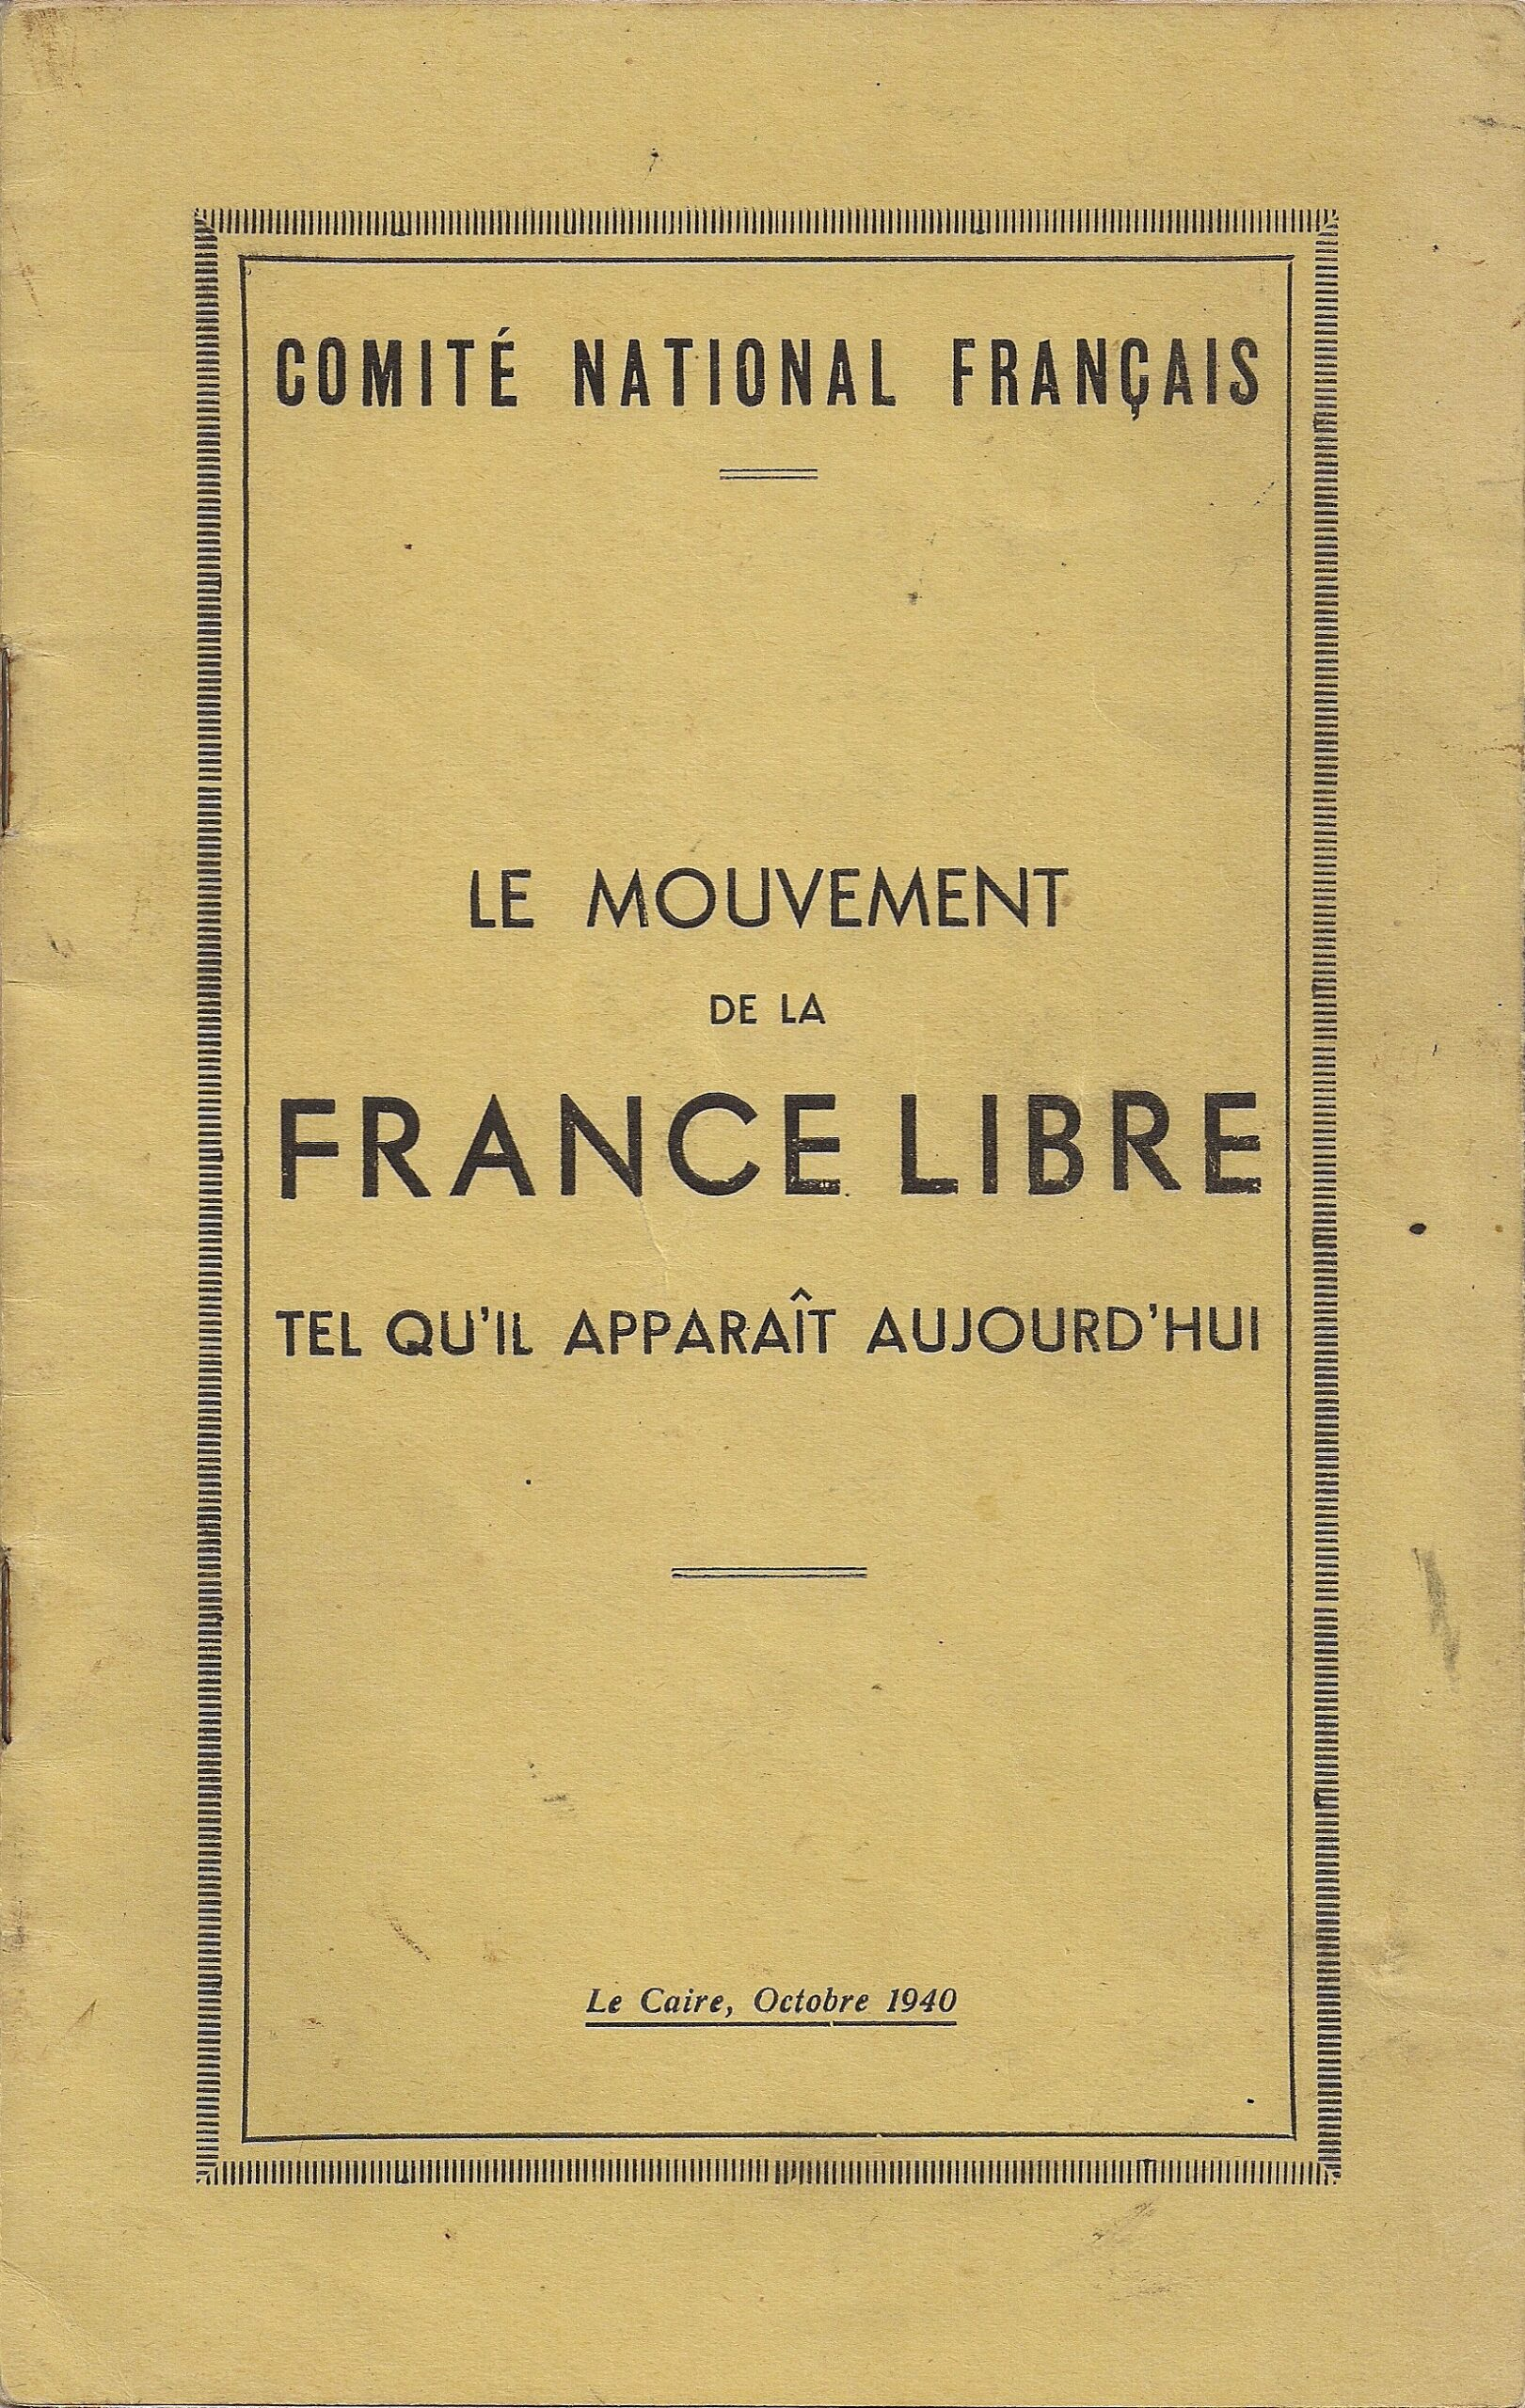 Le mouvement de la France Libre tel qu'il apparaît aujourd'hui